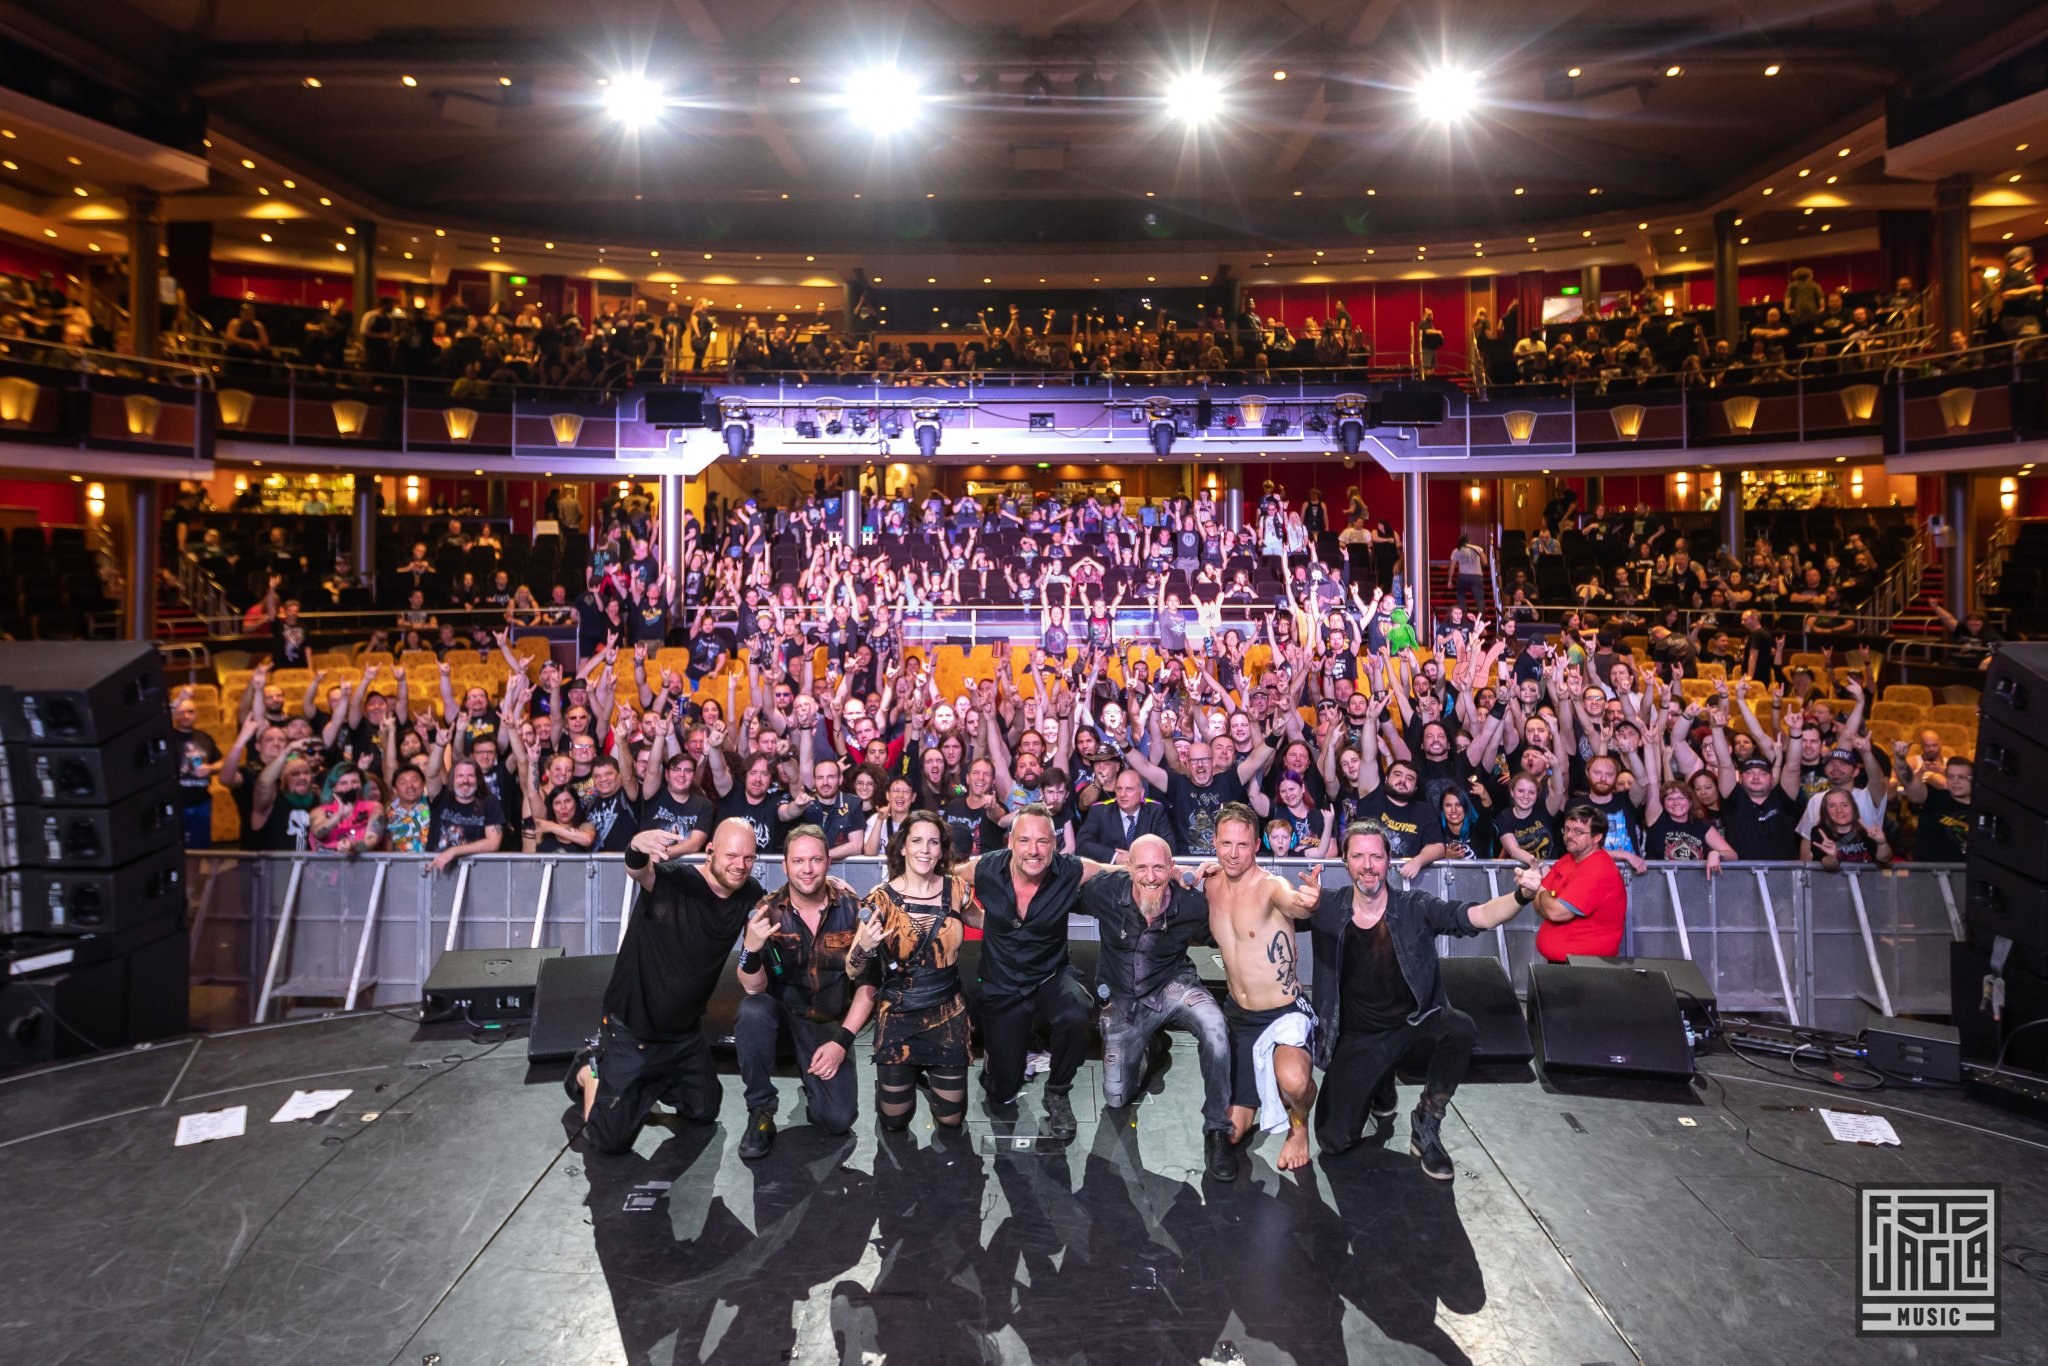 Abschlussfoto von VAN CANTO im Royal Theater beim 70000 Tons of Metal 2019